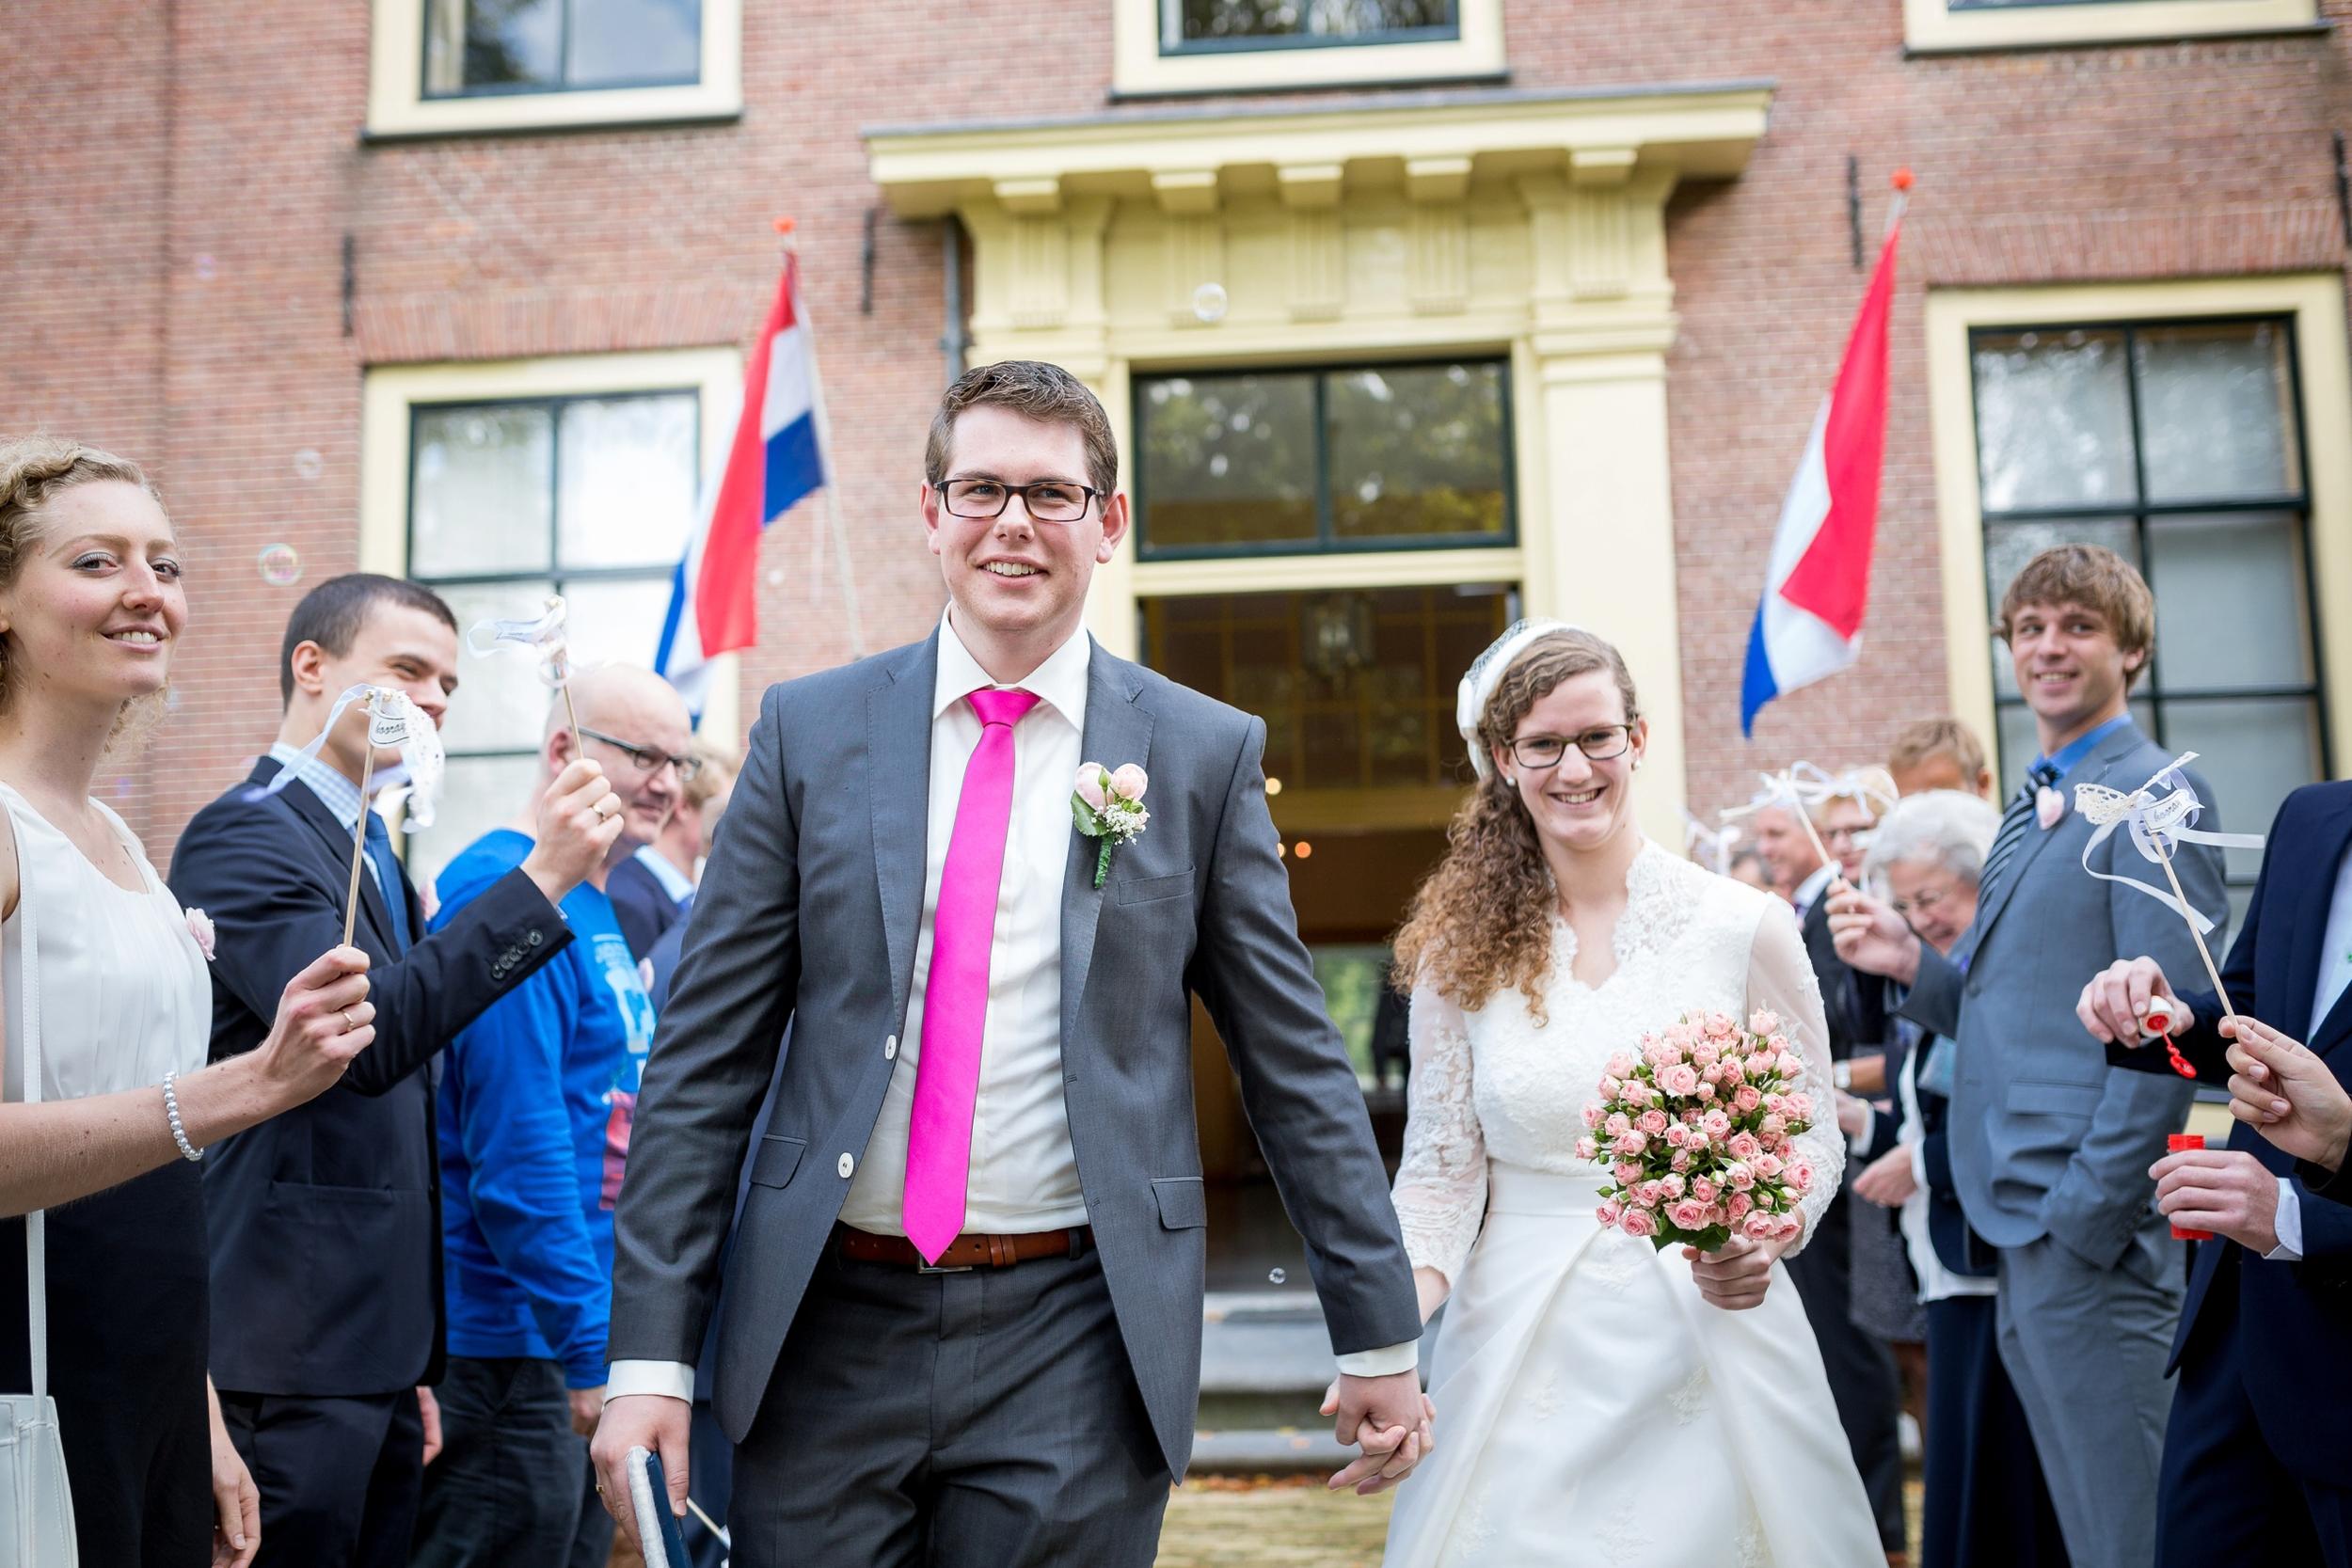 bruidsfotograaf-ede-utrecht-trouwfotograaf-trouwen-bruiloft_0263.jpg